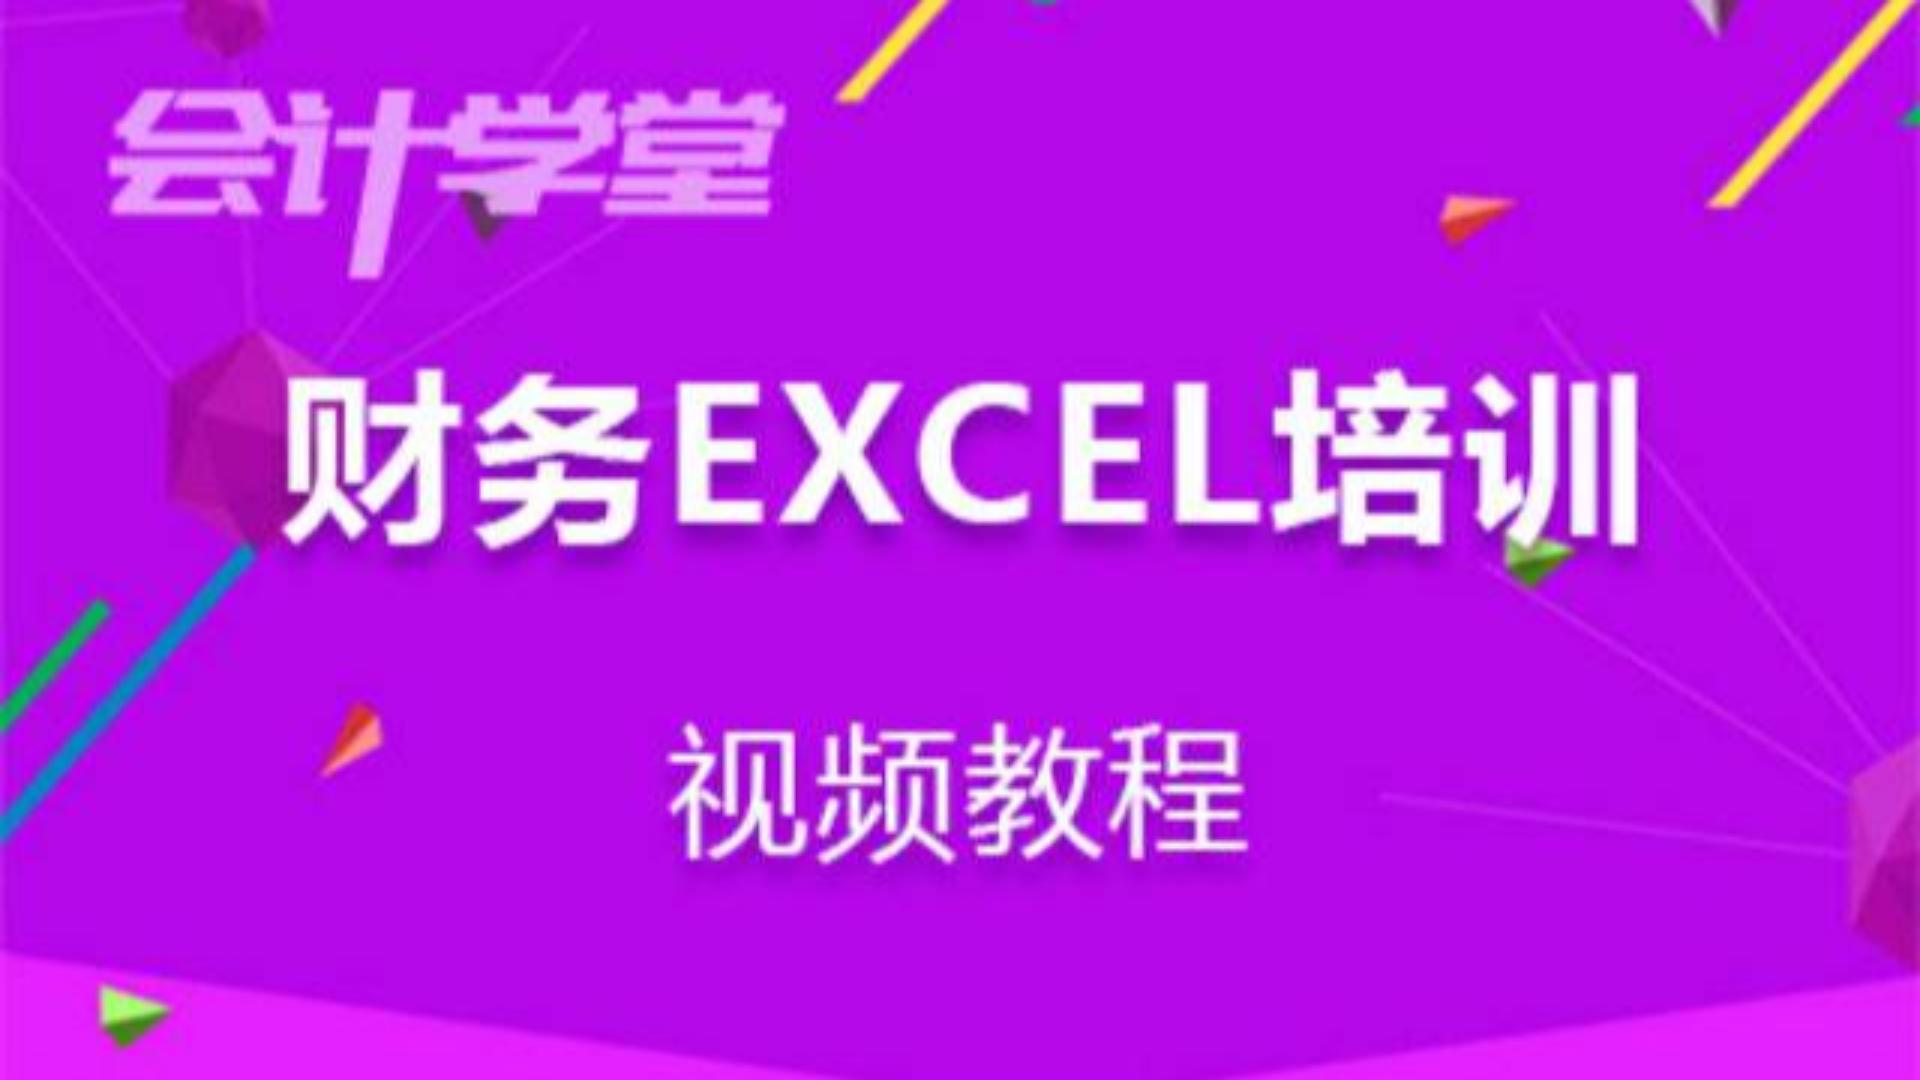 36个绝对不能错过的Excel技巧,速度收了!